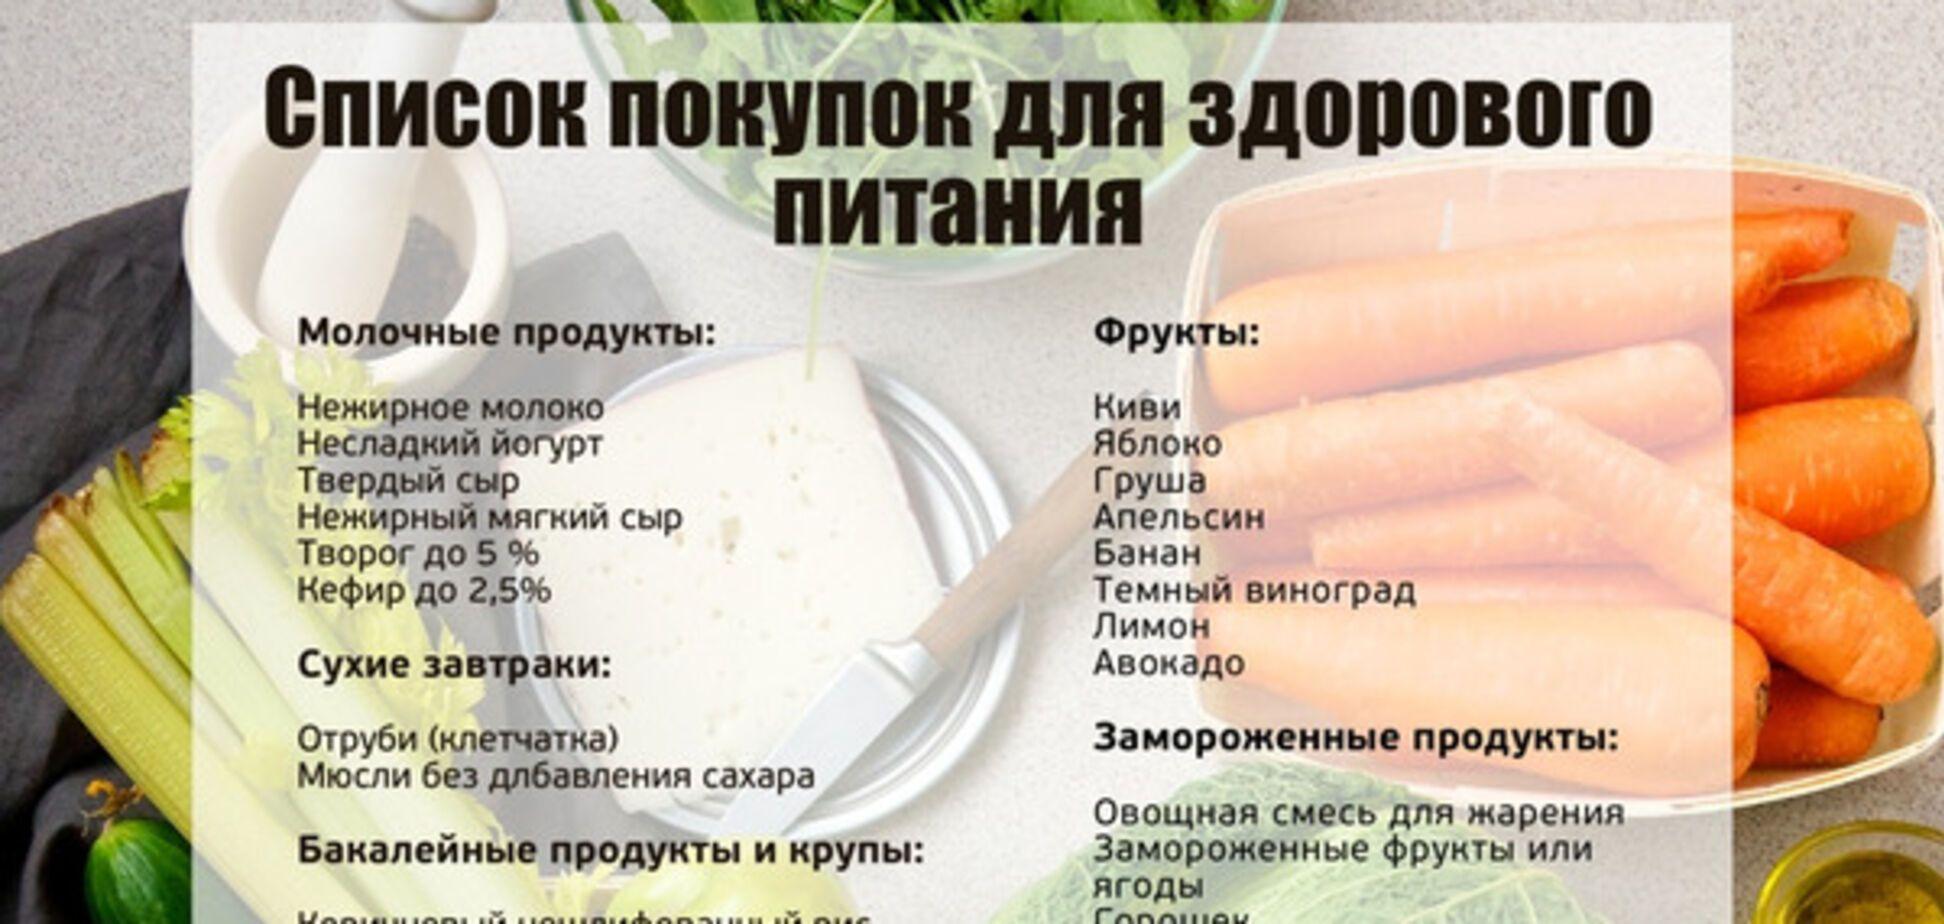 список продуктов